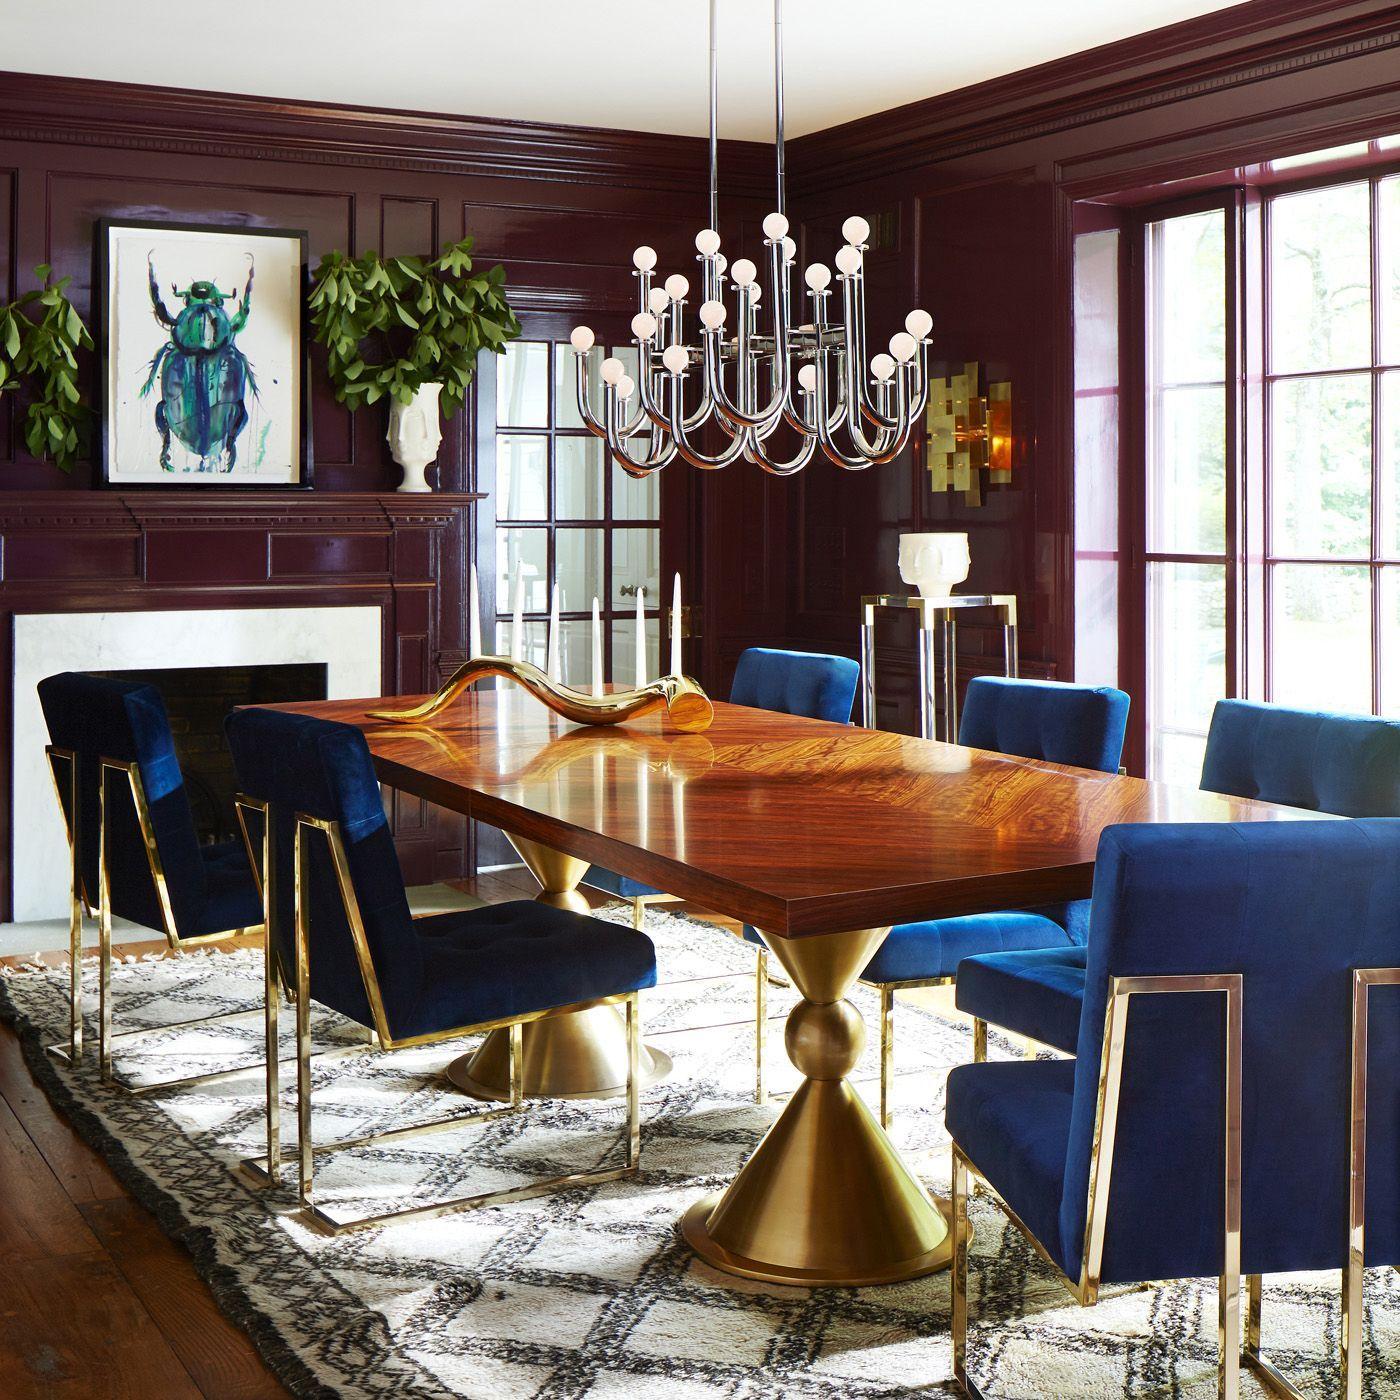 Designer Dining Table By Jonathan Adler Contemporary Dining Table Dining Table Design With Images Modern Dining Room Dining Room Design Modern Dining Room Contemporary